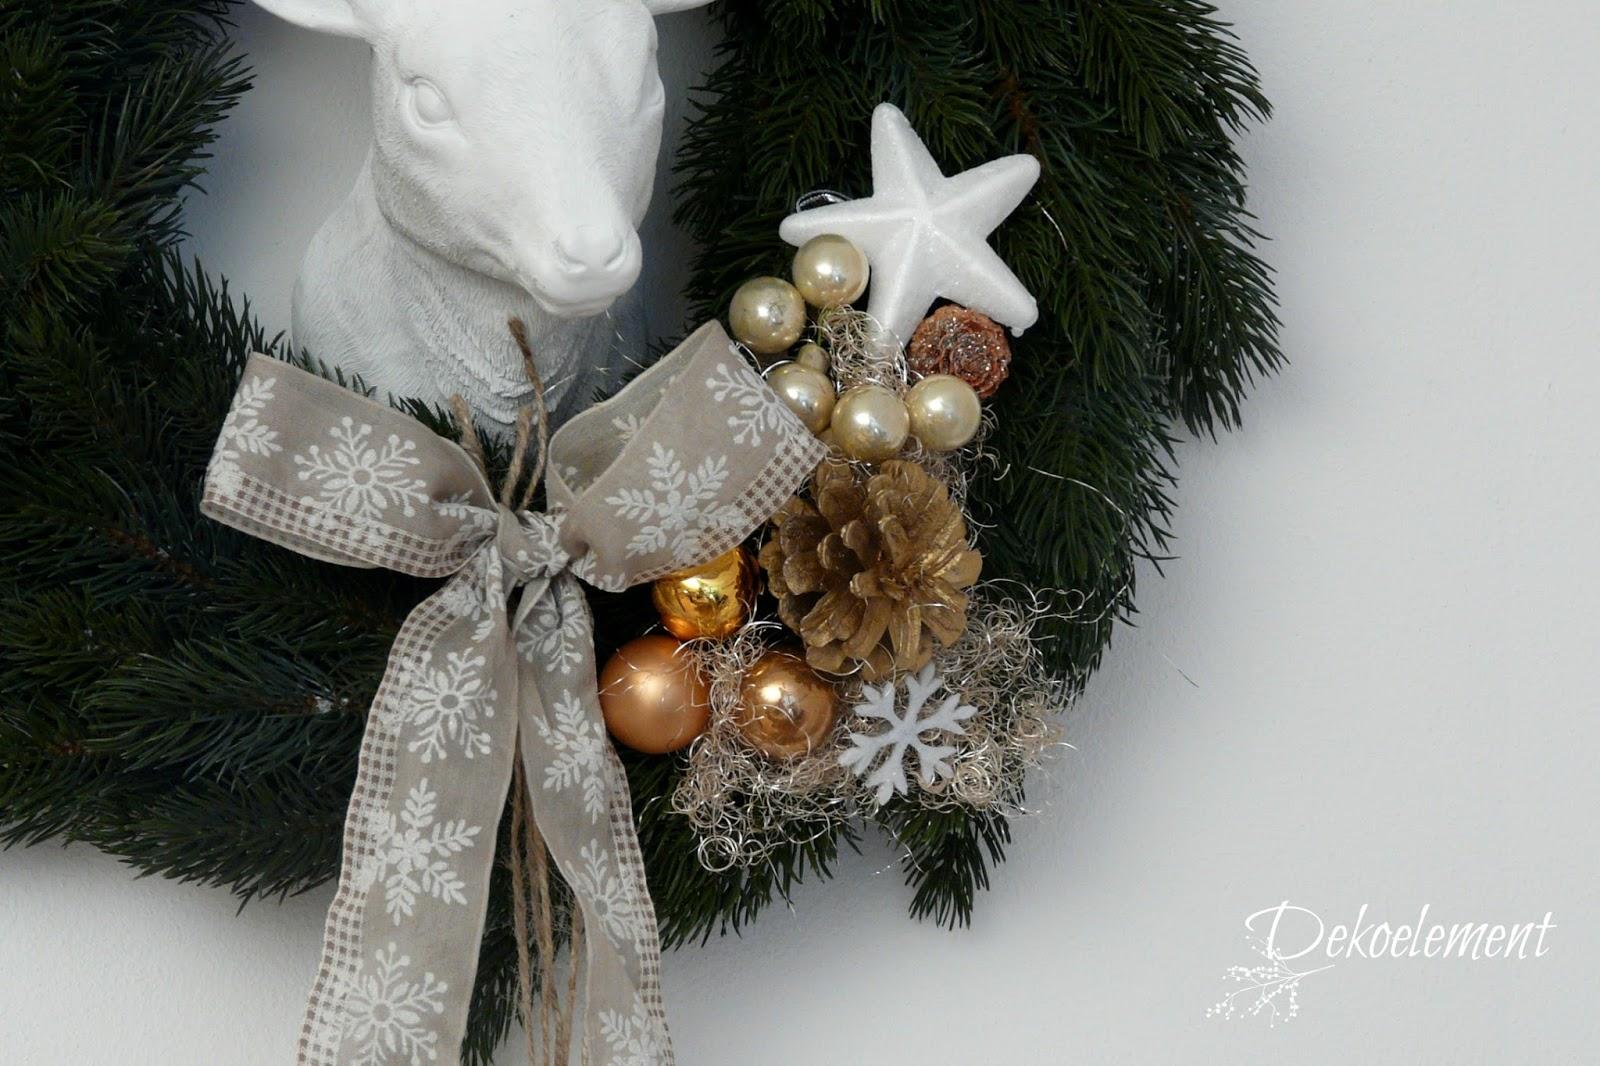 dekoelement blogreihe 6 weihnachtlicher t rkranz. Black Bedroom Furniture Sets. Home Design Ideas